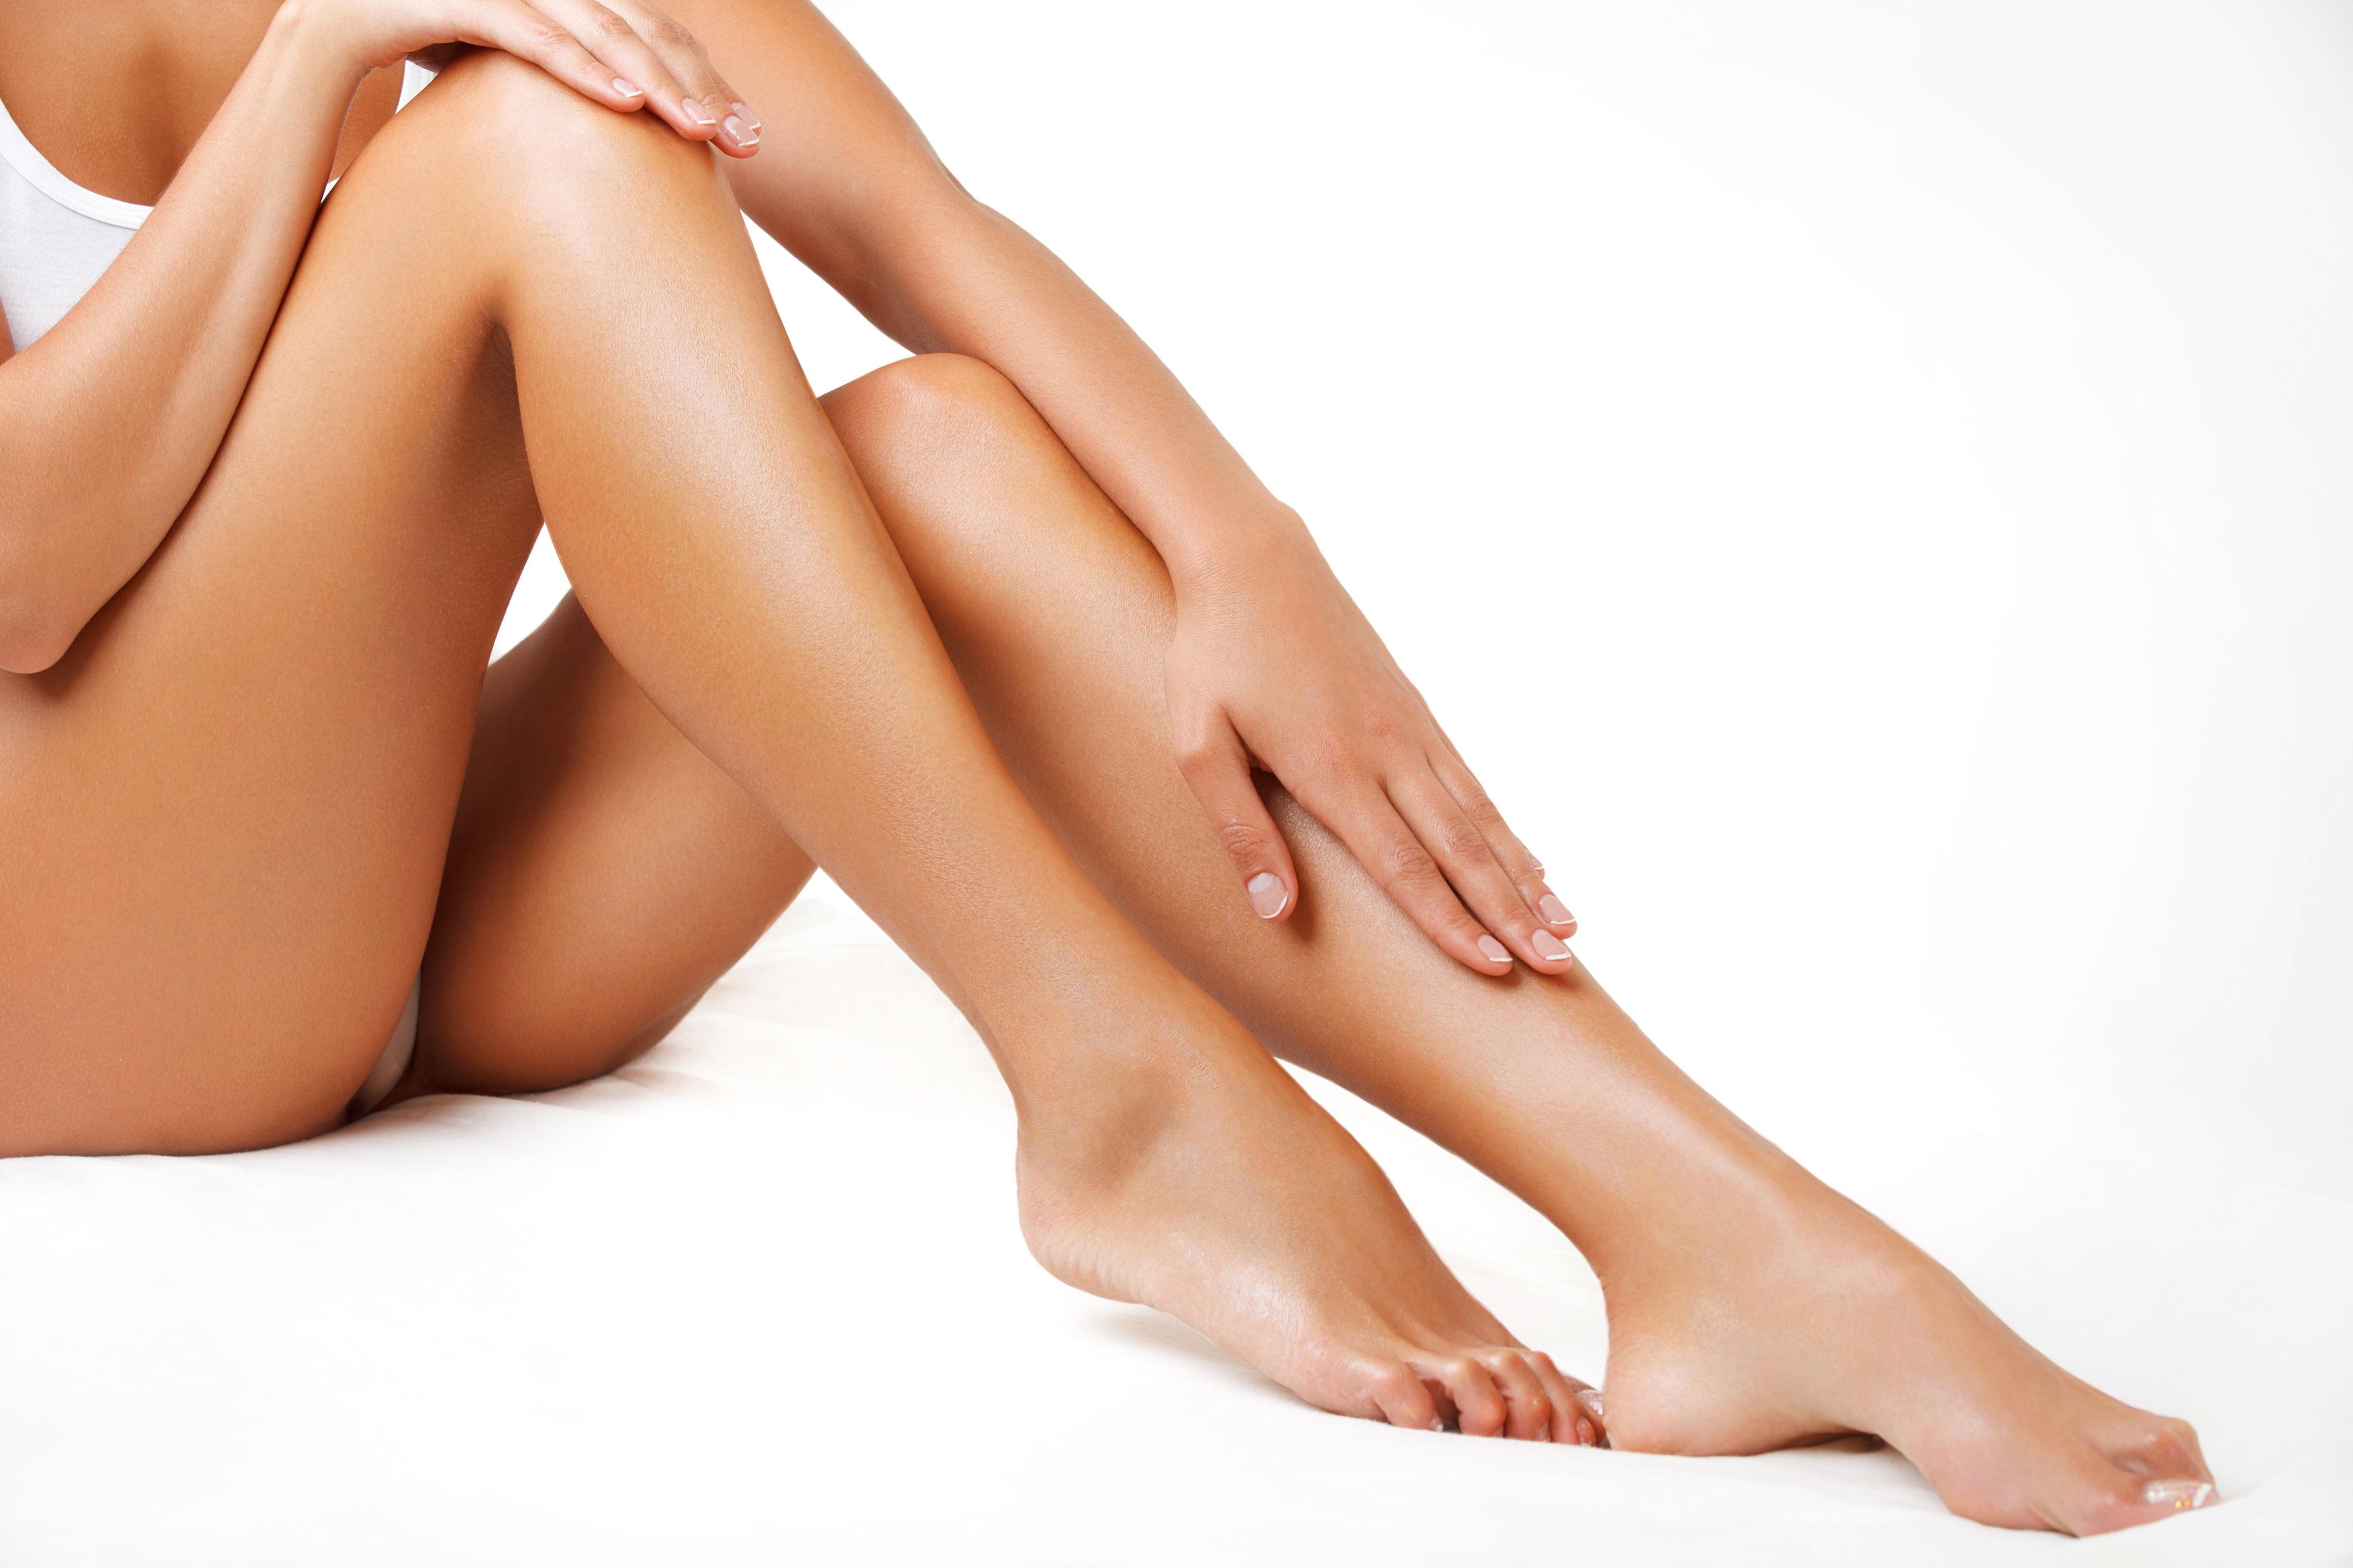 neu isenburg erotische massage deutsche hausfrauen nackt